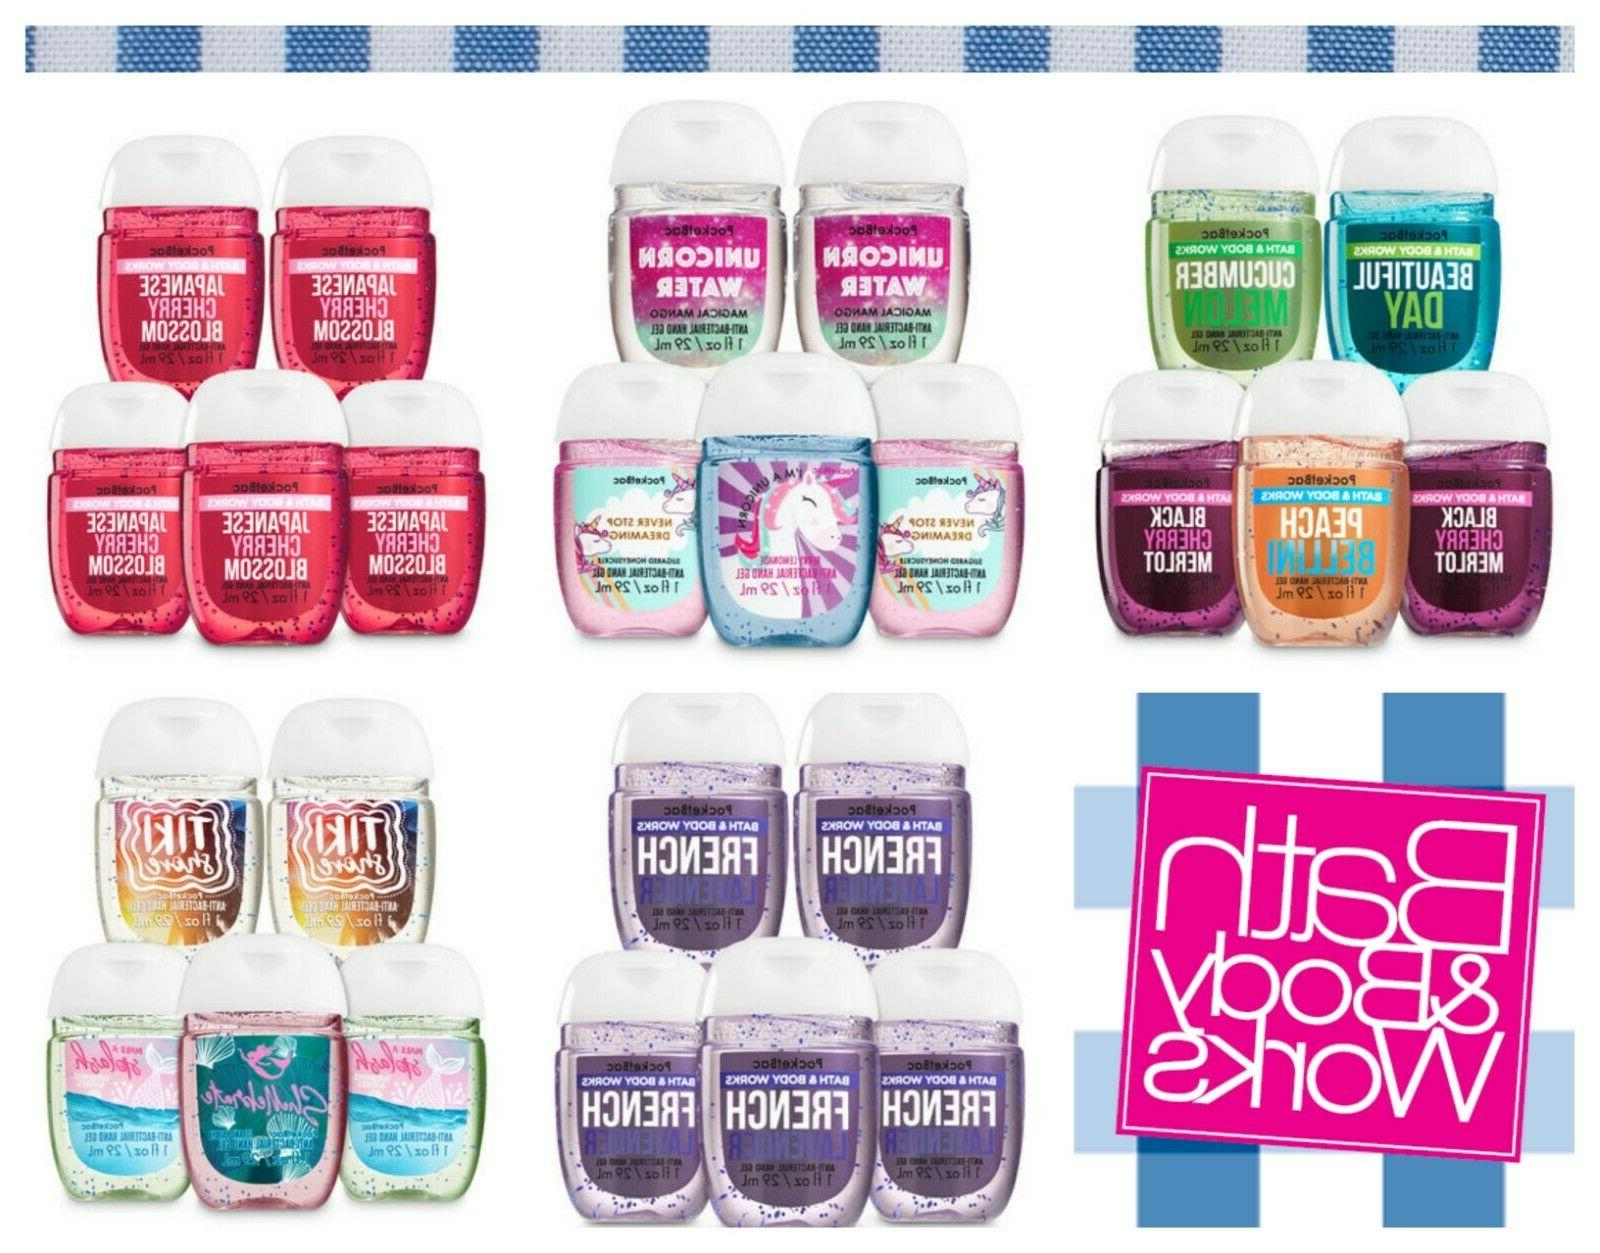 pocketbac hand sanitizer gel pack bundles best